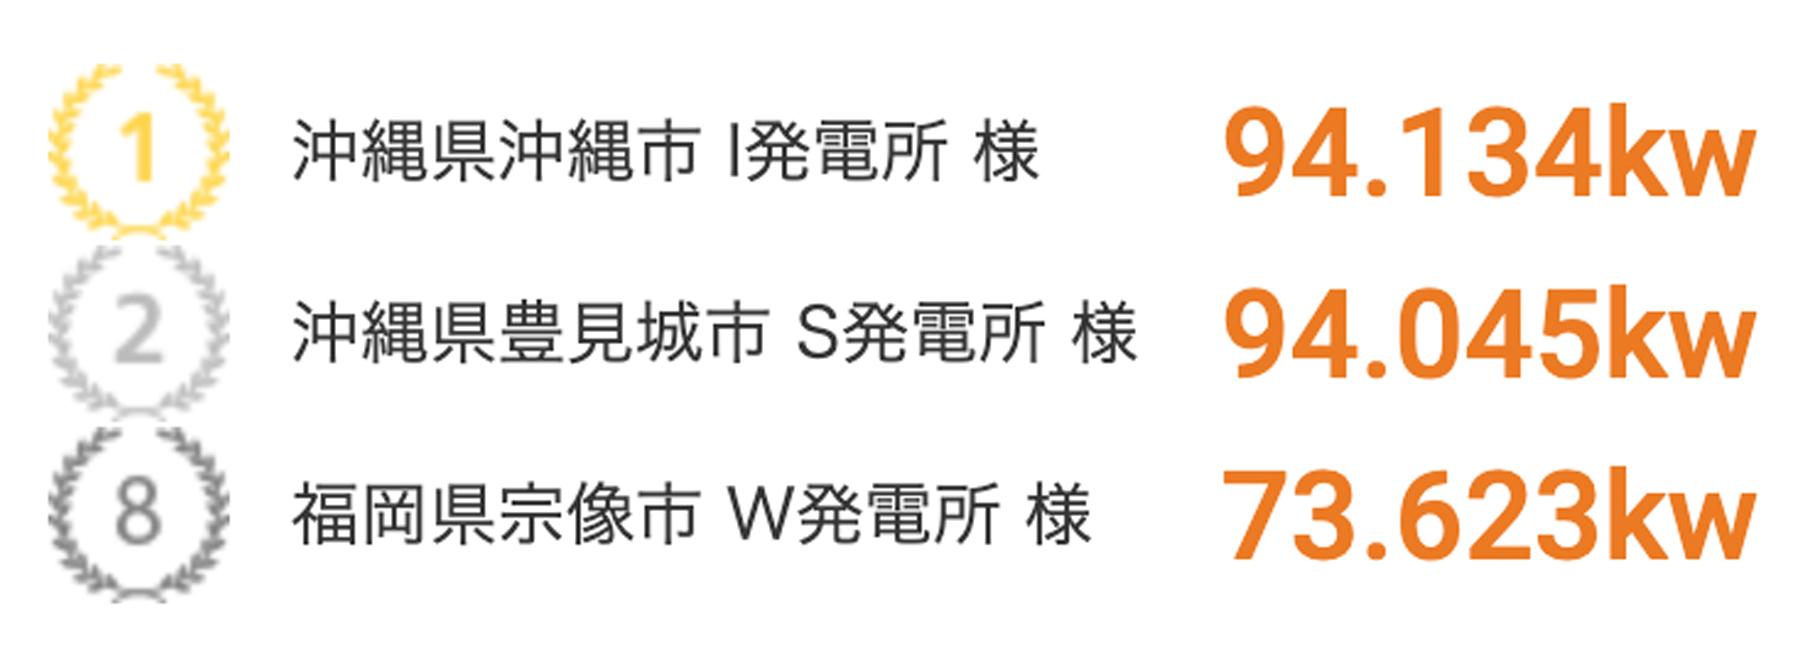 売電ランキング2021年9月度